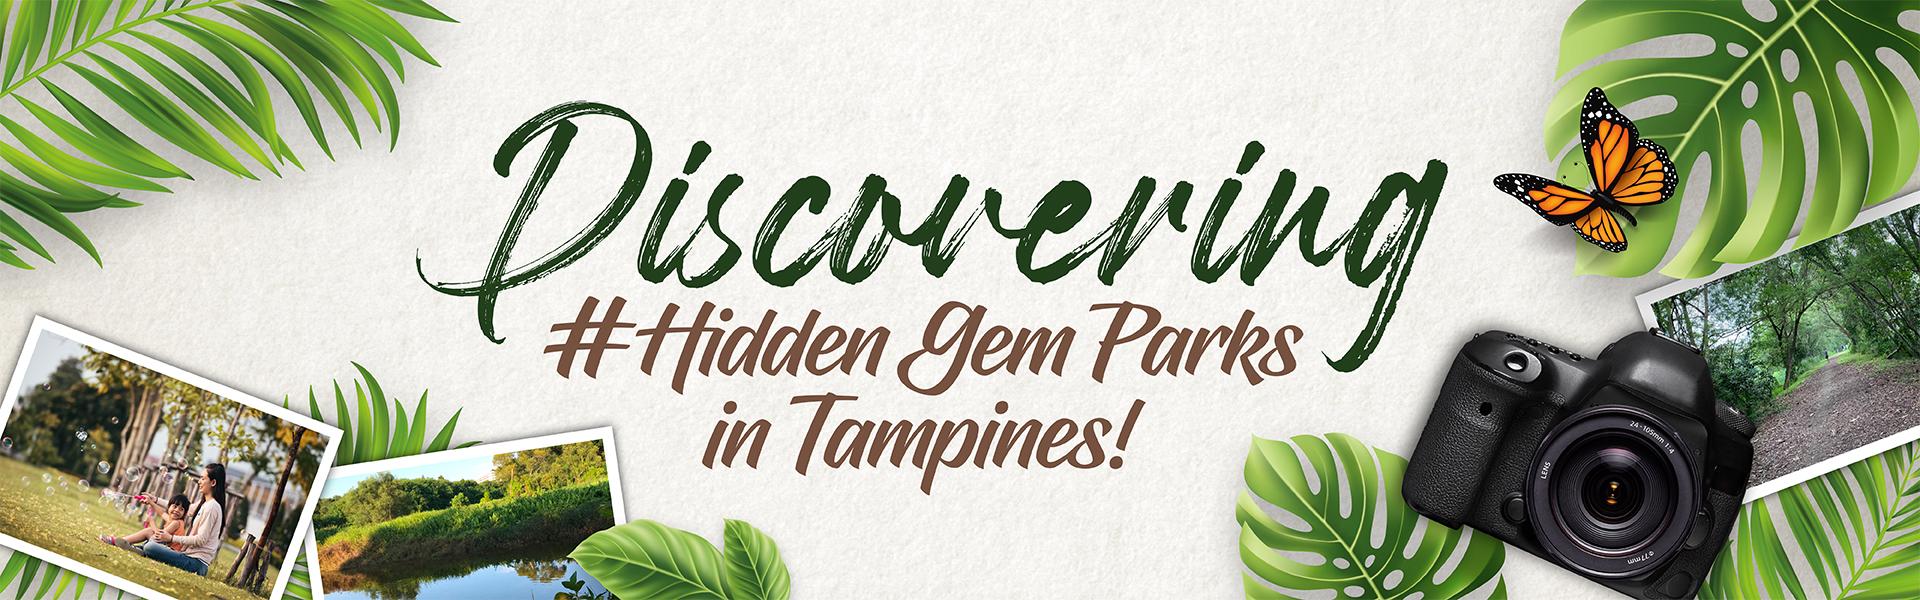 Discovering #Hidden Gem Parks in Tampines